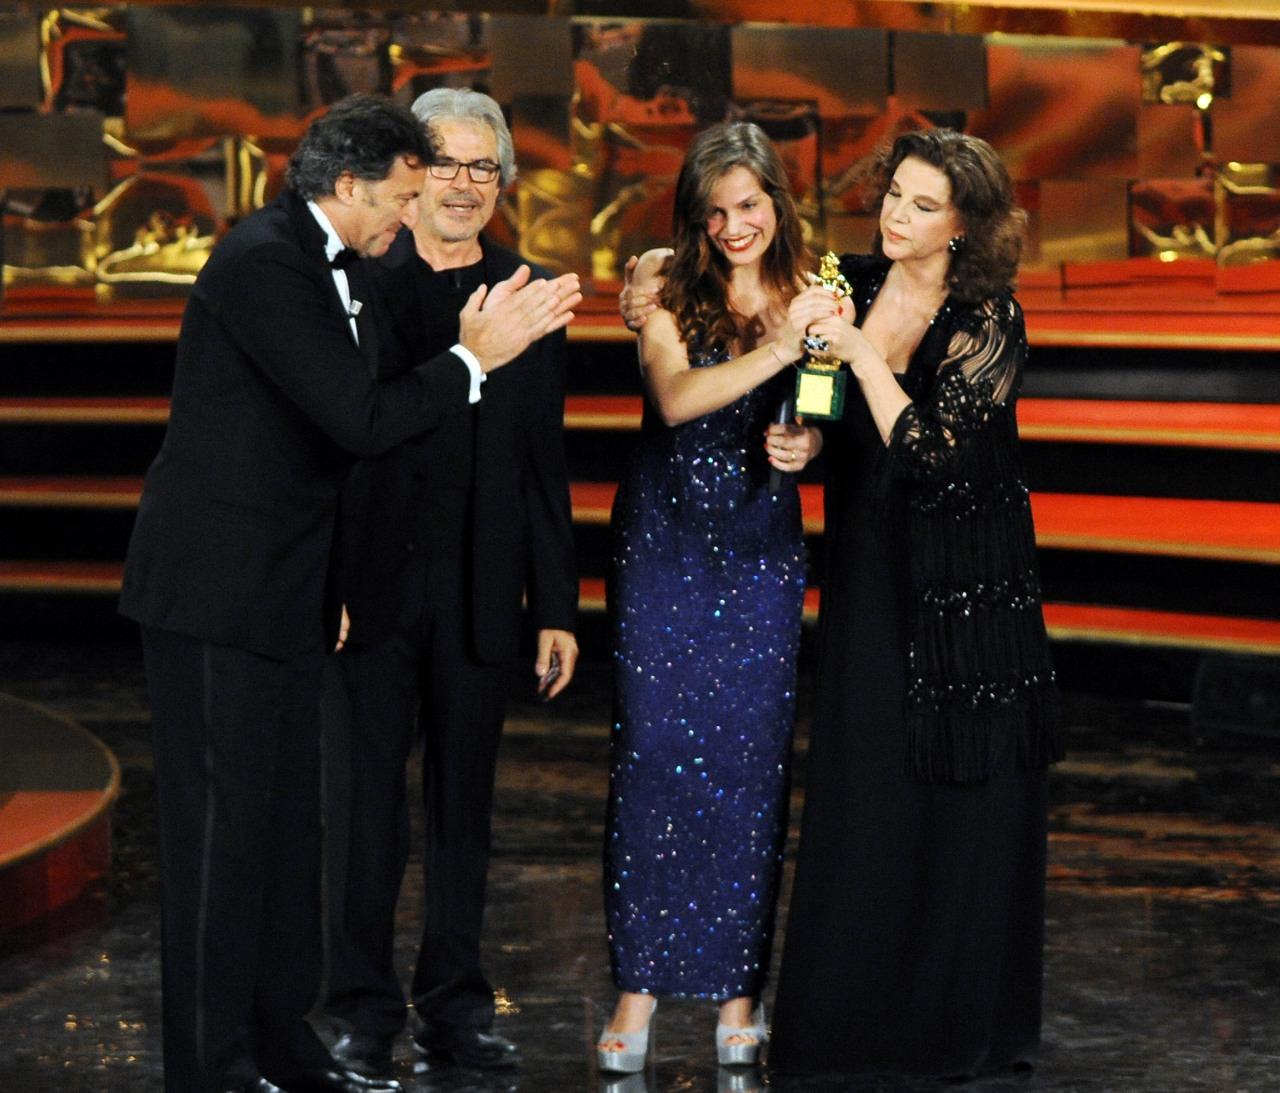 Luca Barbareschi, Micaela Ramazzotti, Stefania Sandrelli, and Tullio Solenghi at an event for La prima cosa bella (2010)